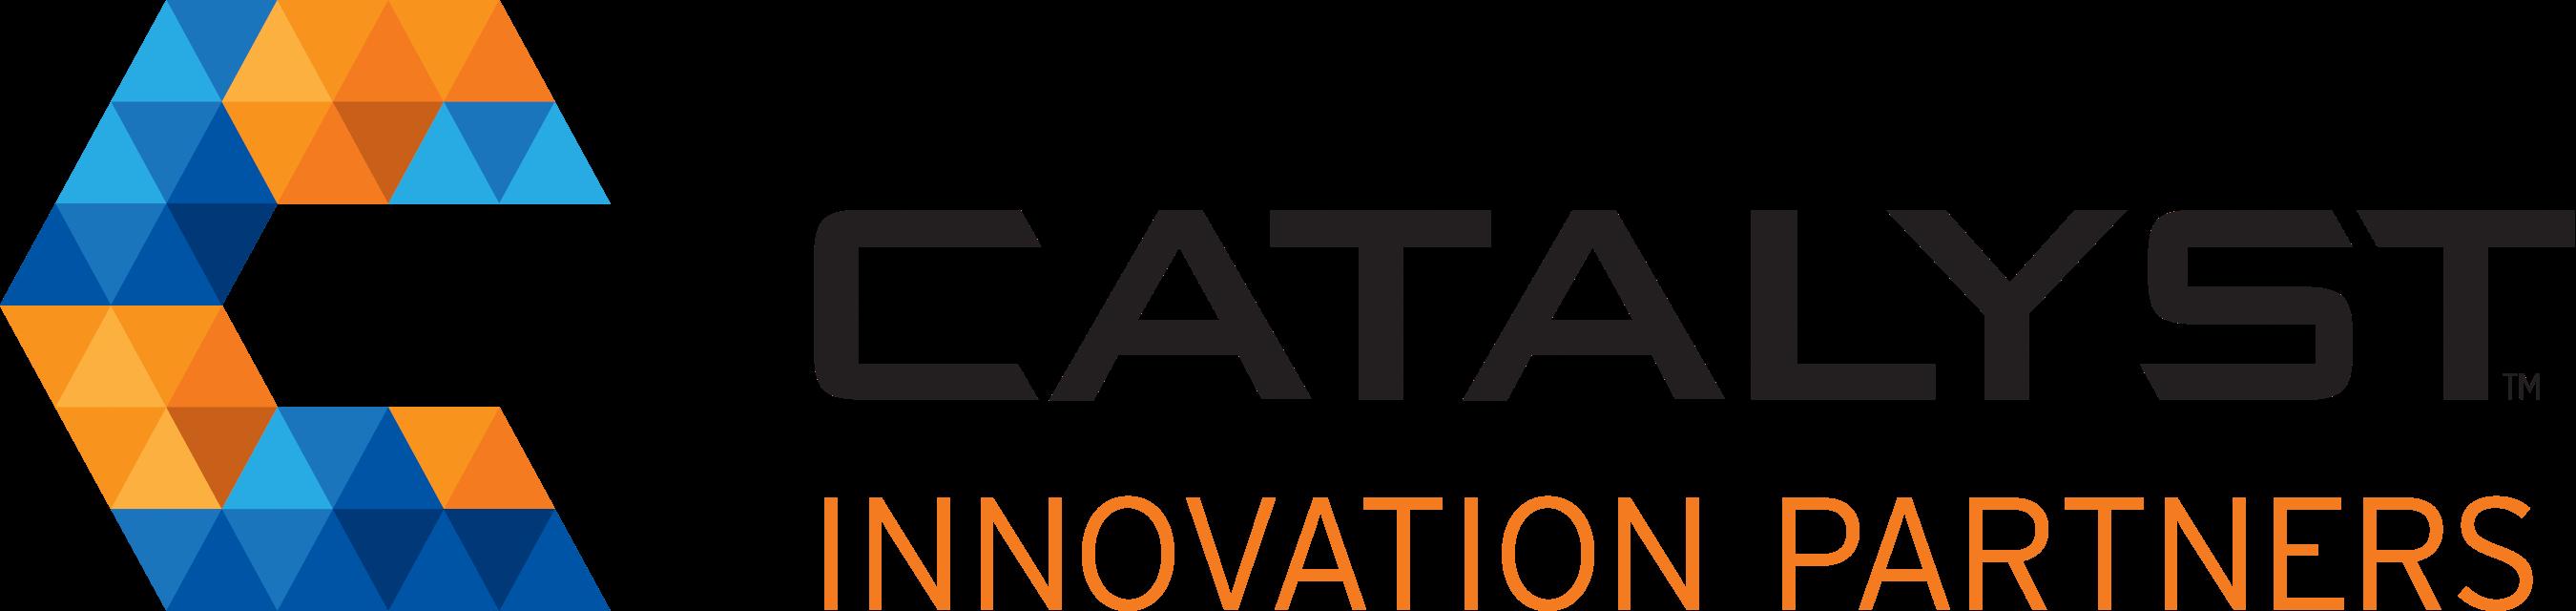 Catalyst Innovation Partners